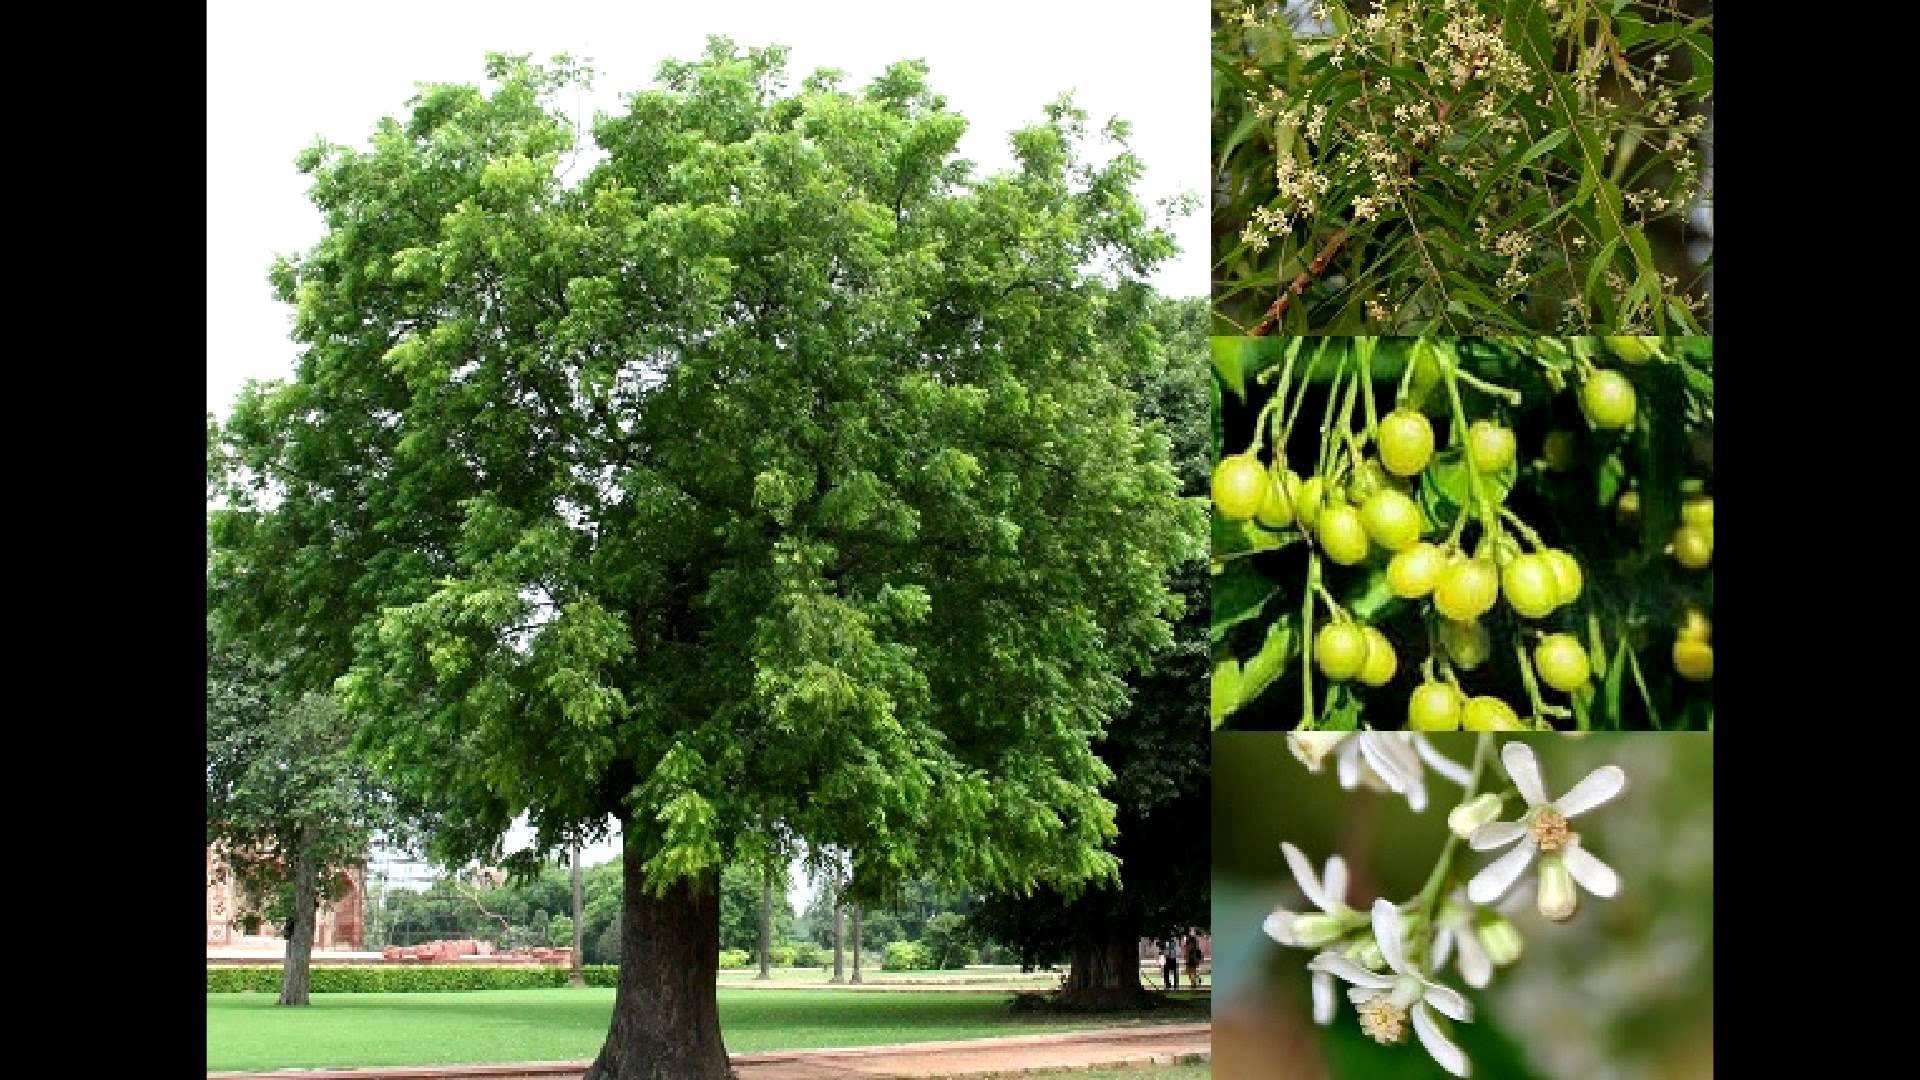 Las semillas del arbol de nim tienen grandes cantidades de azadirachtin, que resultan muy buen insecticida contra el spodoptera frugiperda o gusano cogollero.